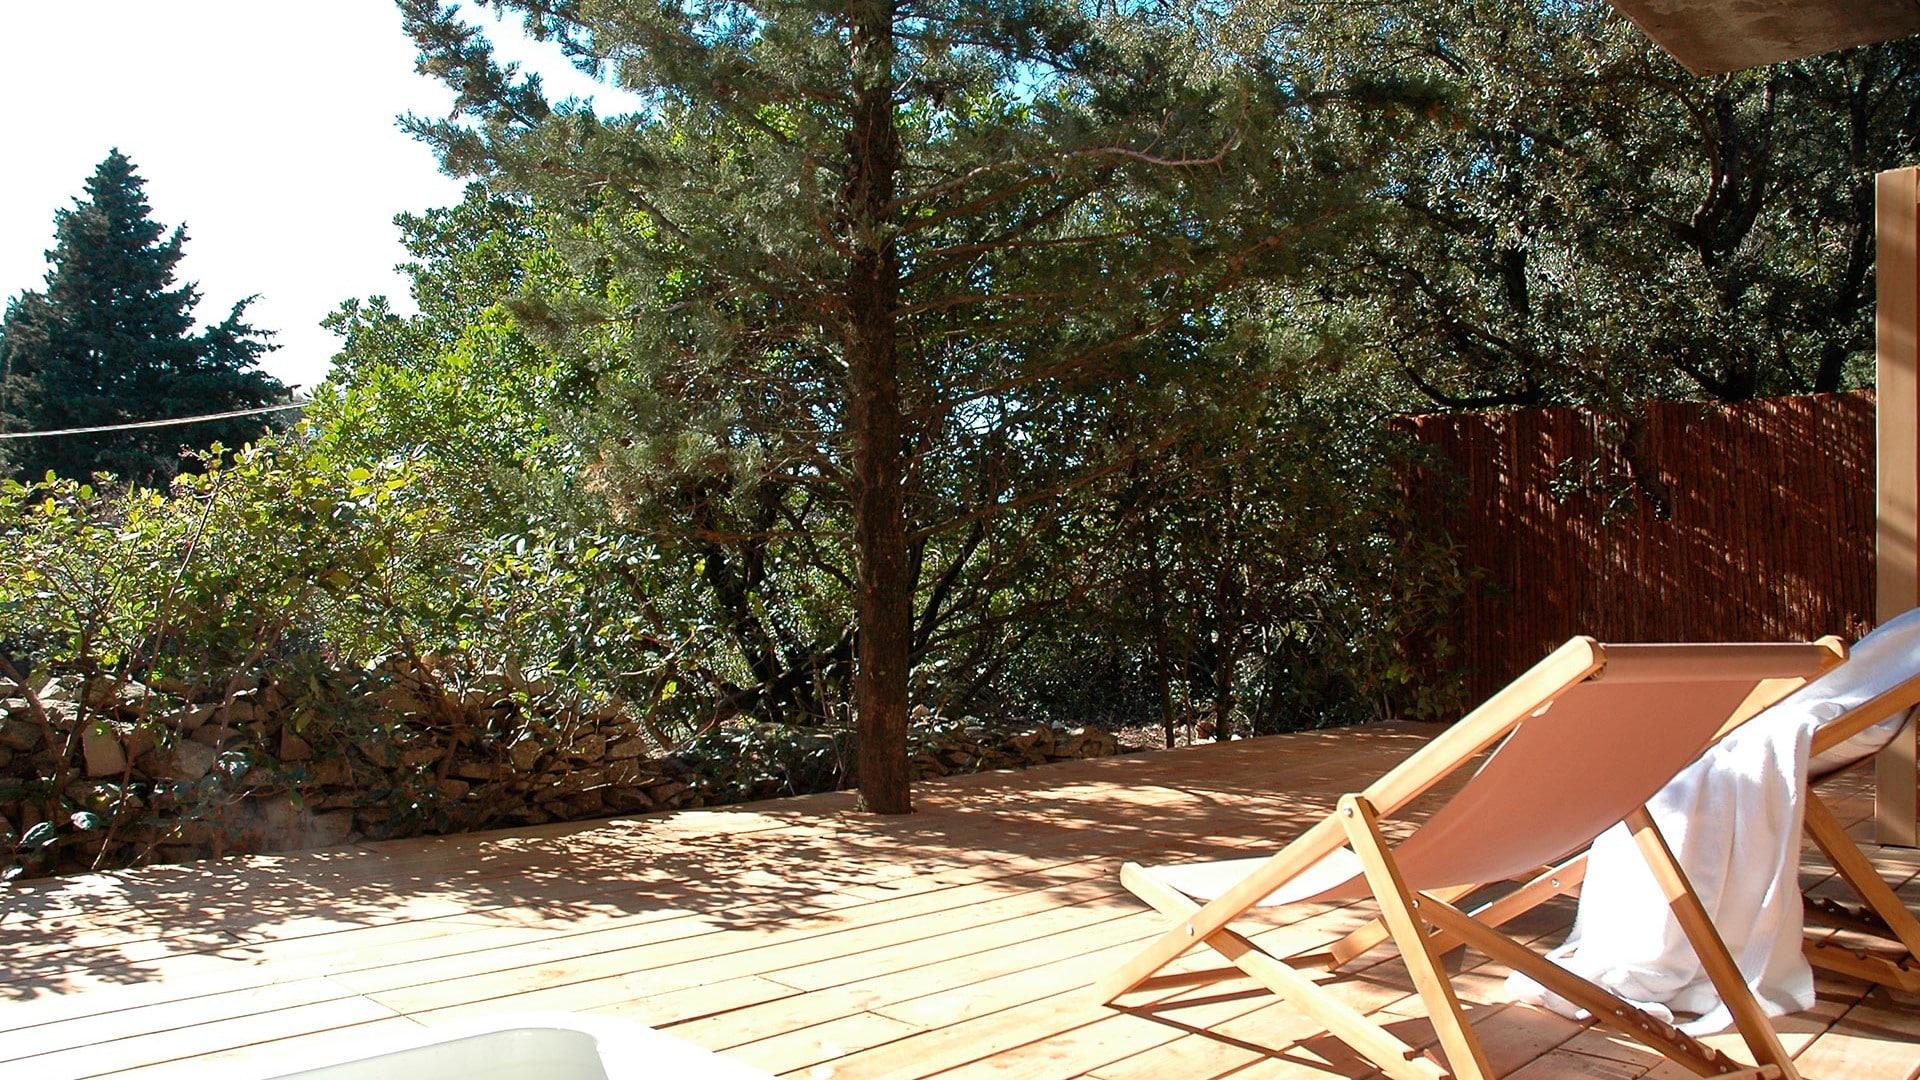 Chambres d hotes et Spa Nimes dans le Gard 3 lodges avec piscine